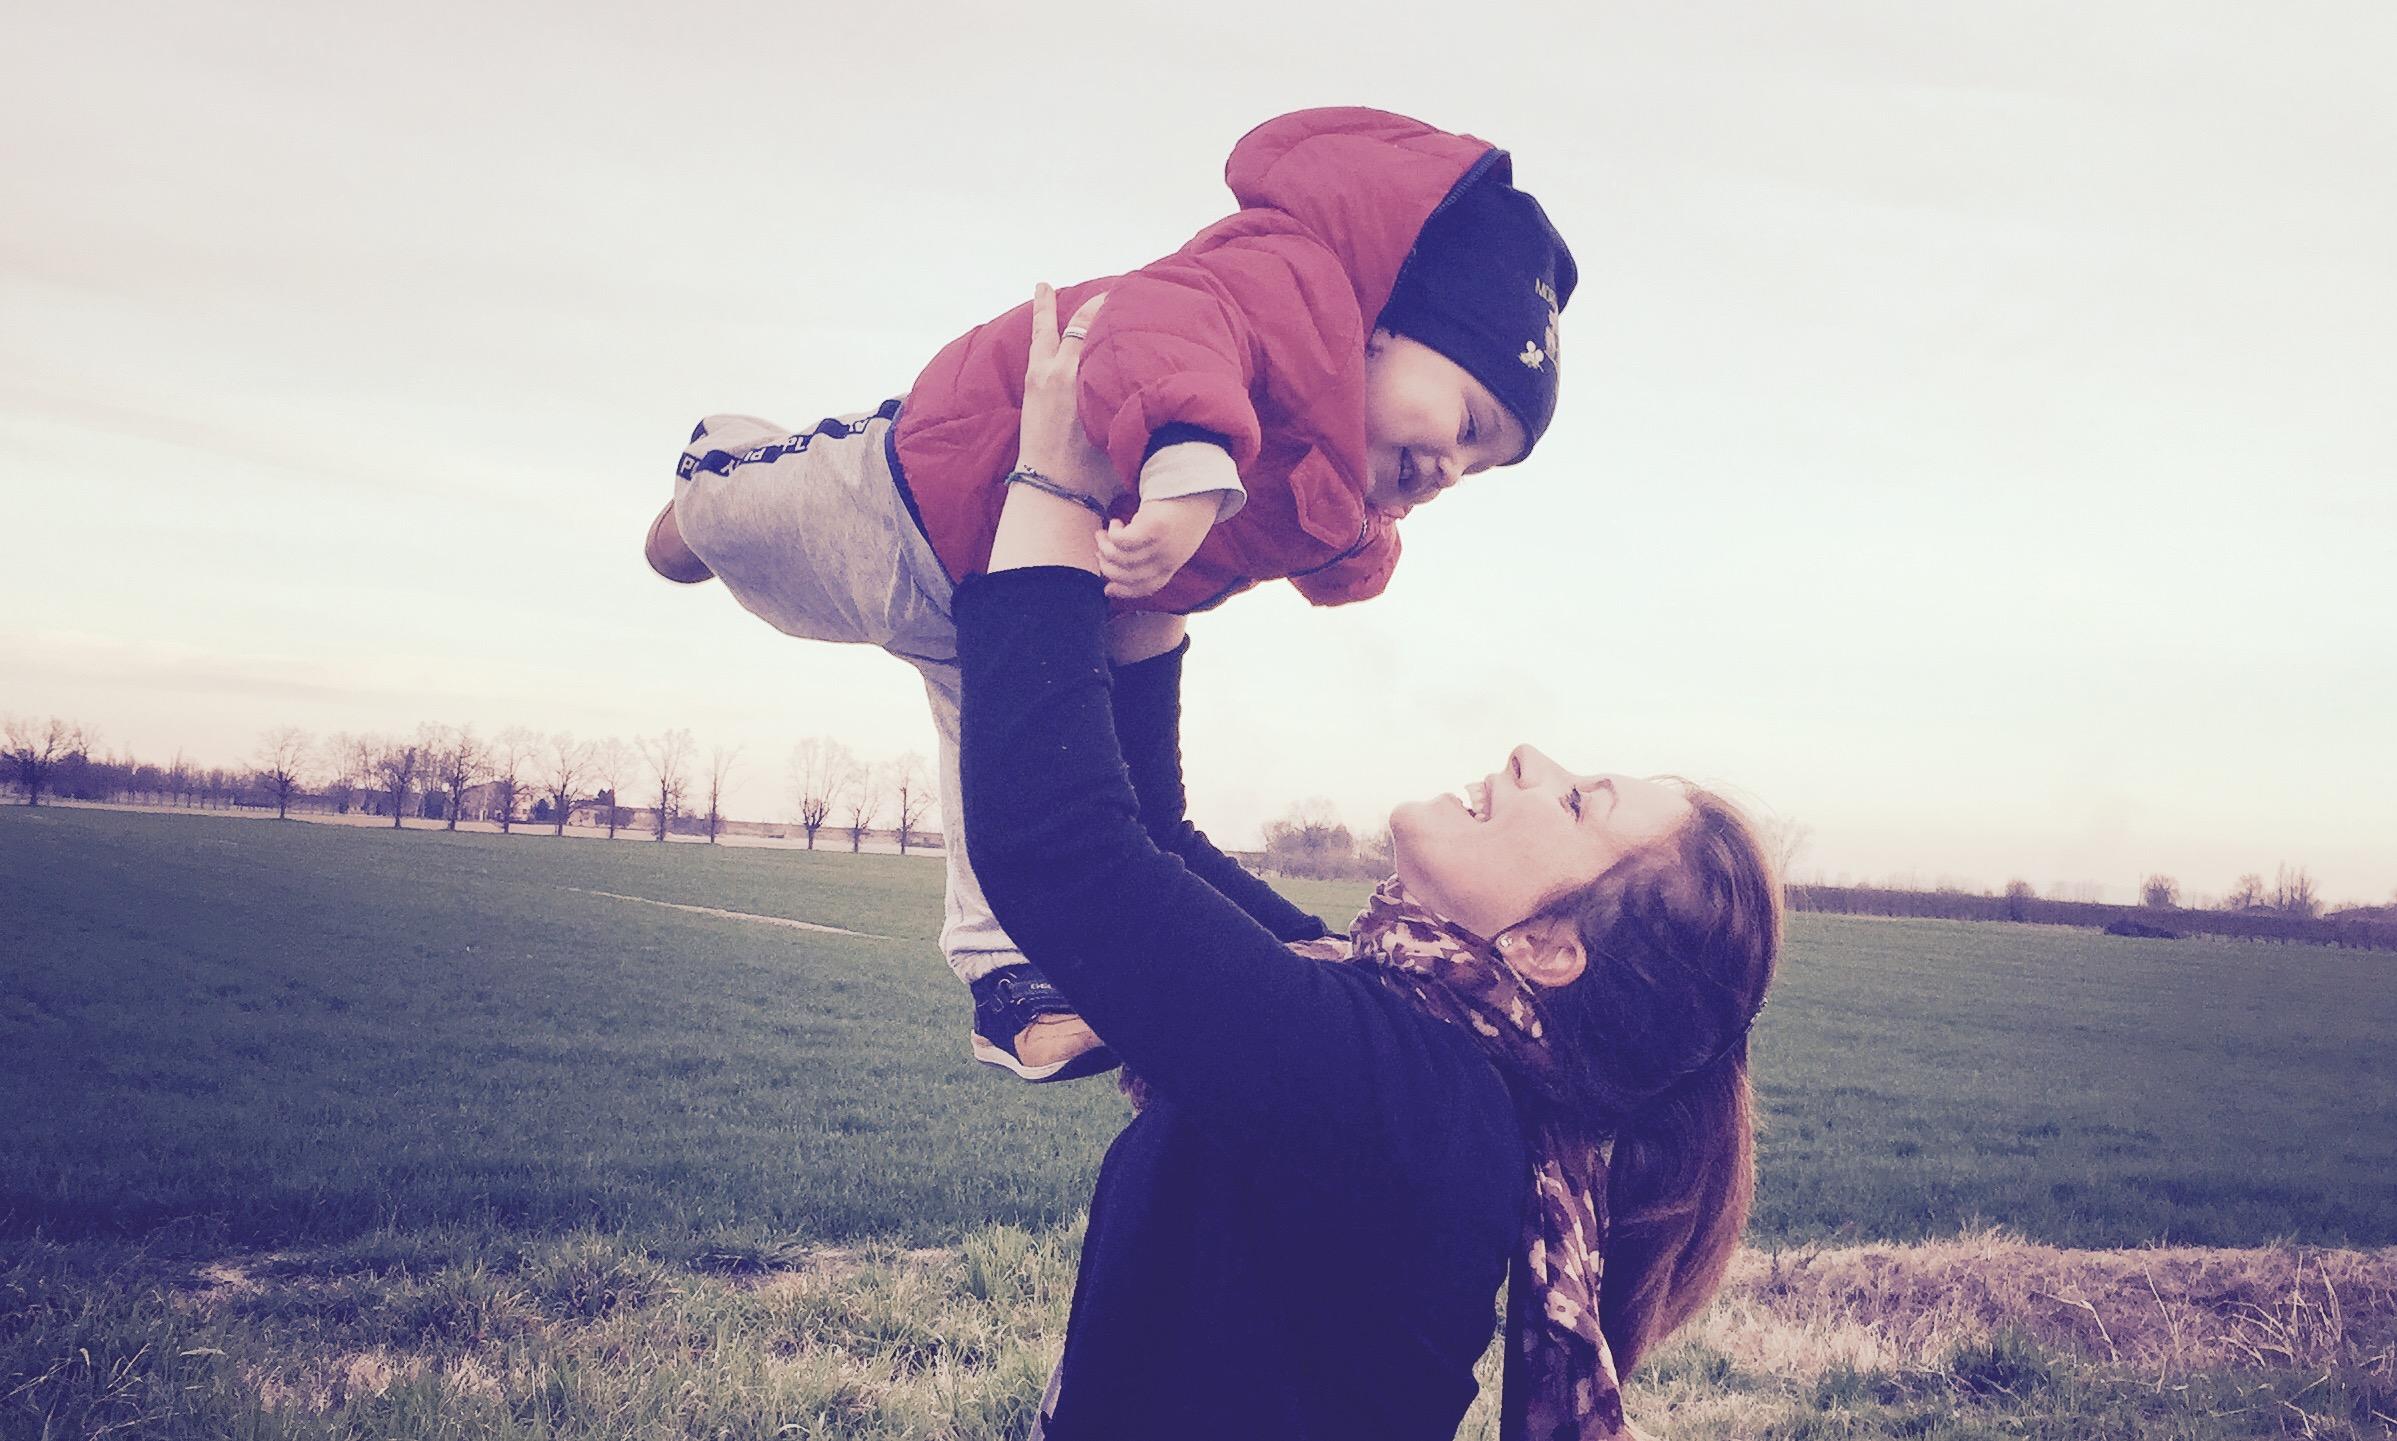 Le aspettative sui figli. Quanto il bambino immaginato si avvicina a quello reale?